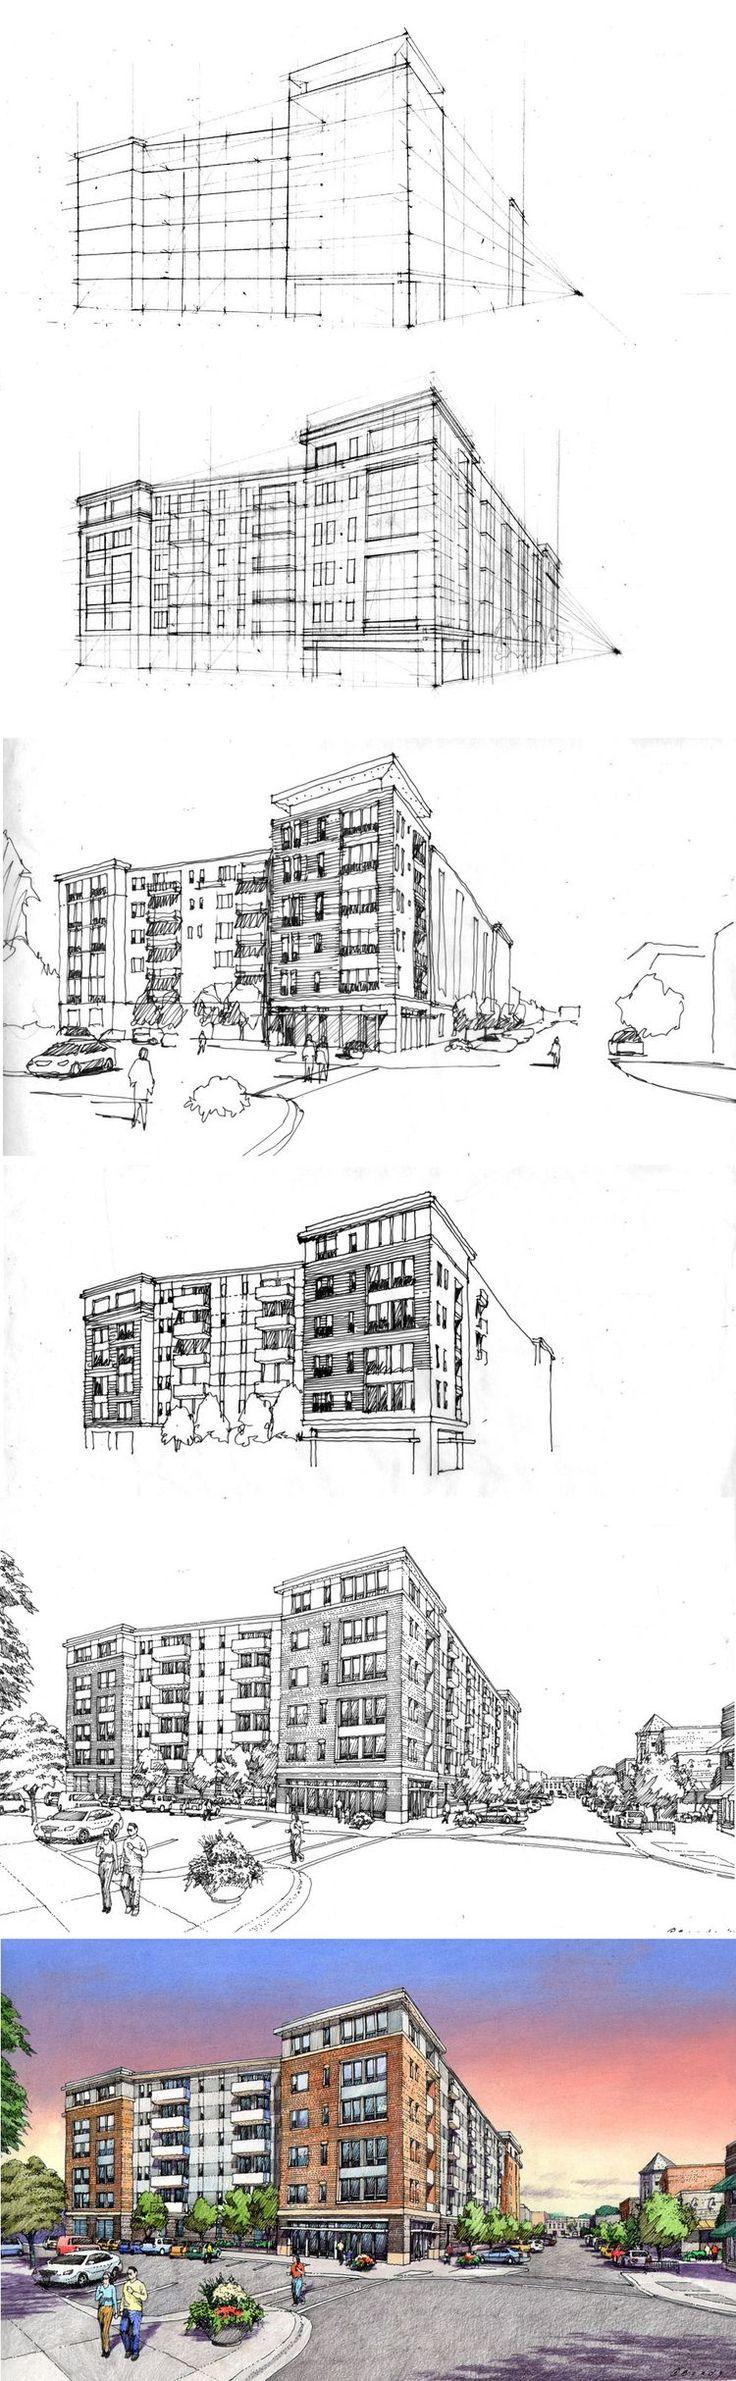 Processos de Desenho de Edifício em Perspectiva